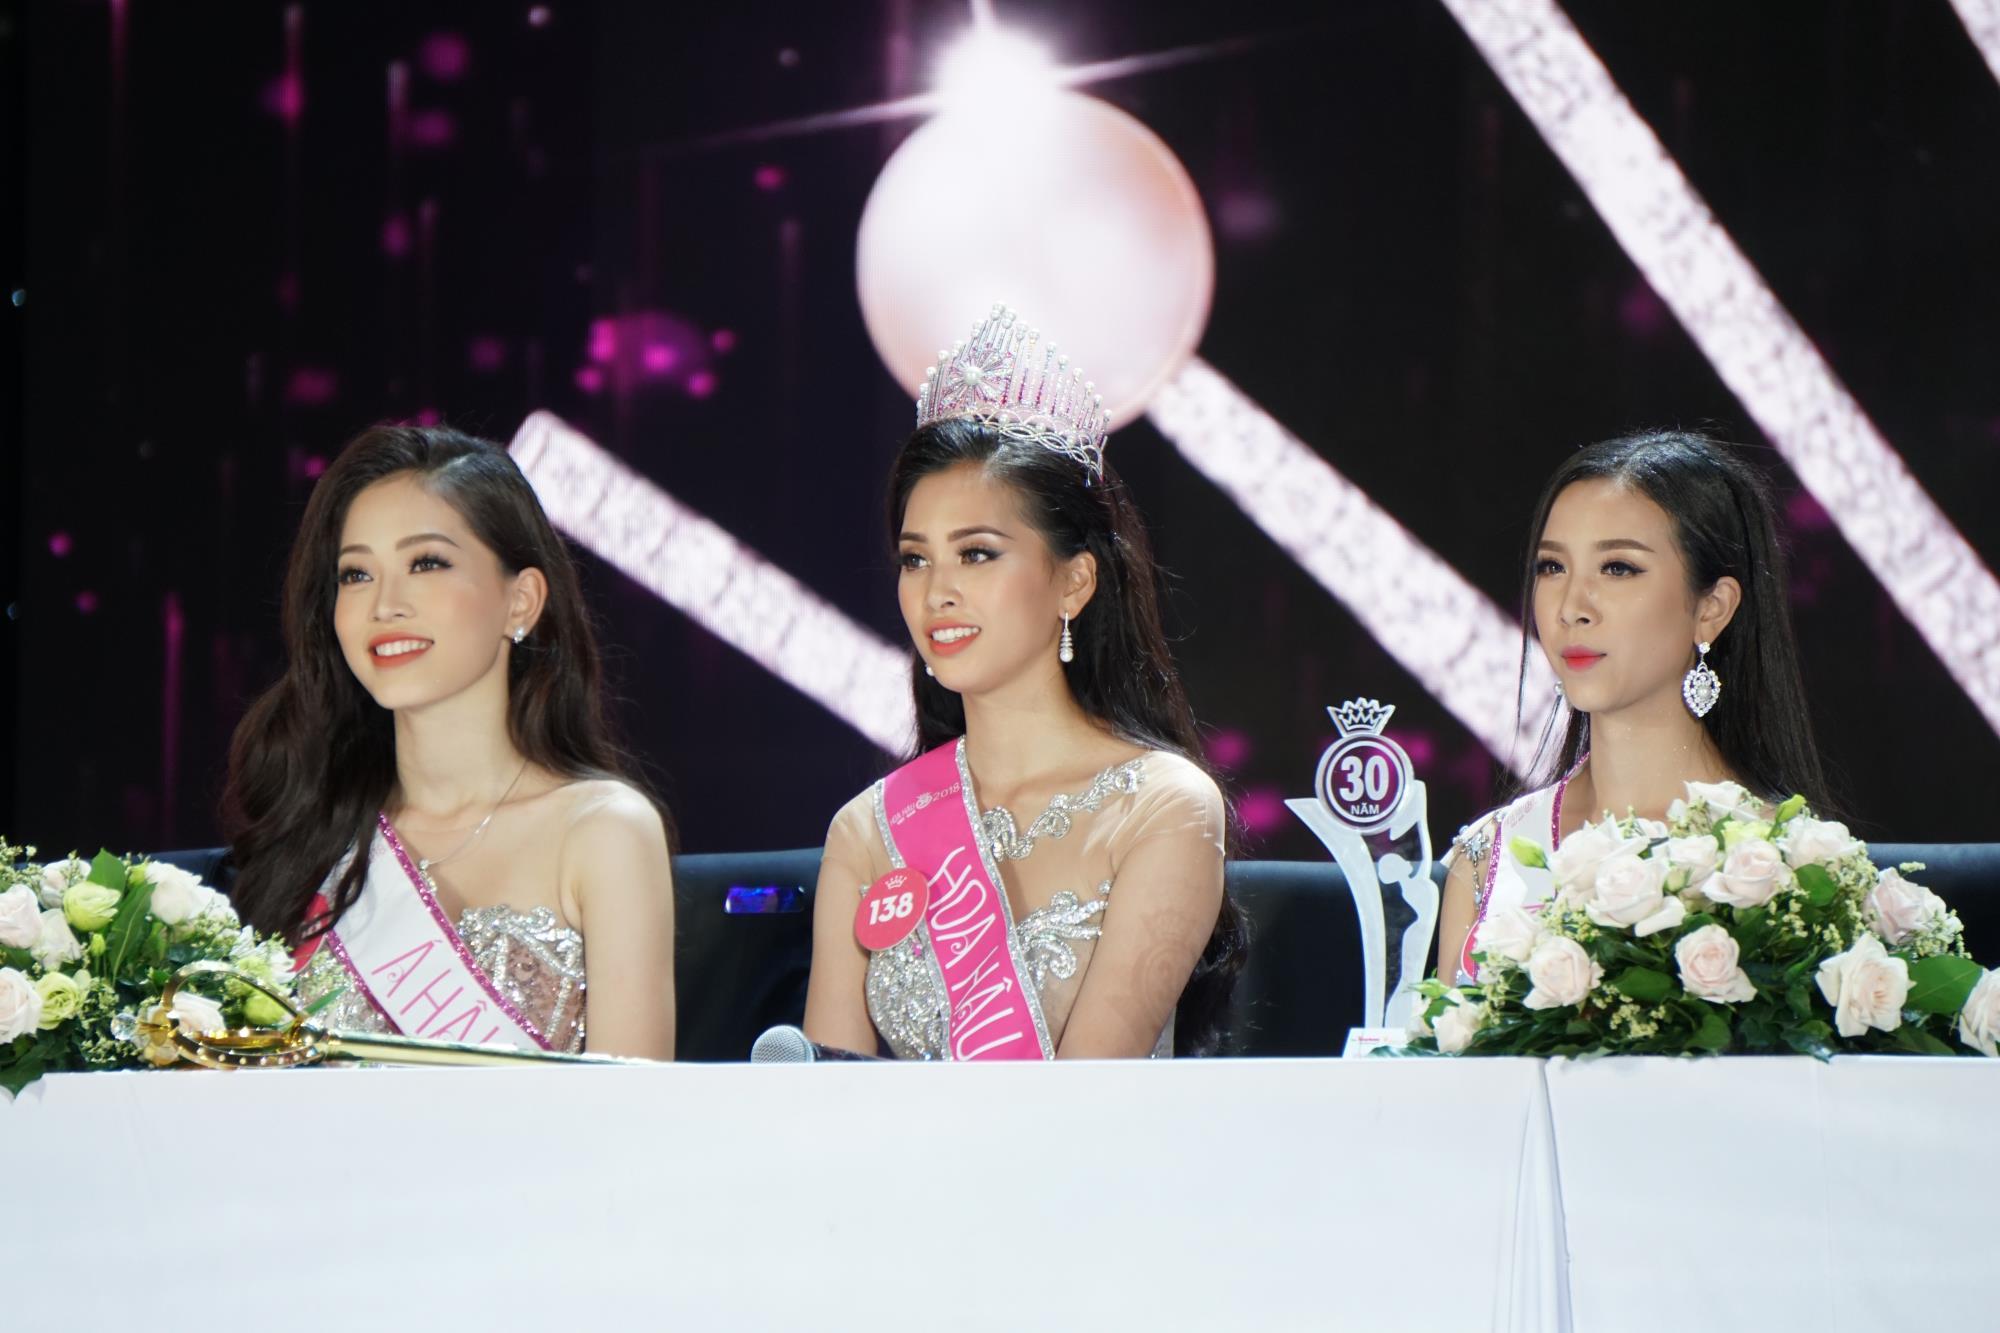 Gia cảnh ít người biết của Hoa hậu Trần Tiểu Vy: Bố bị tai biến, mẹ gồng gánh cả gia đình - Ảnh 1